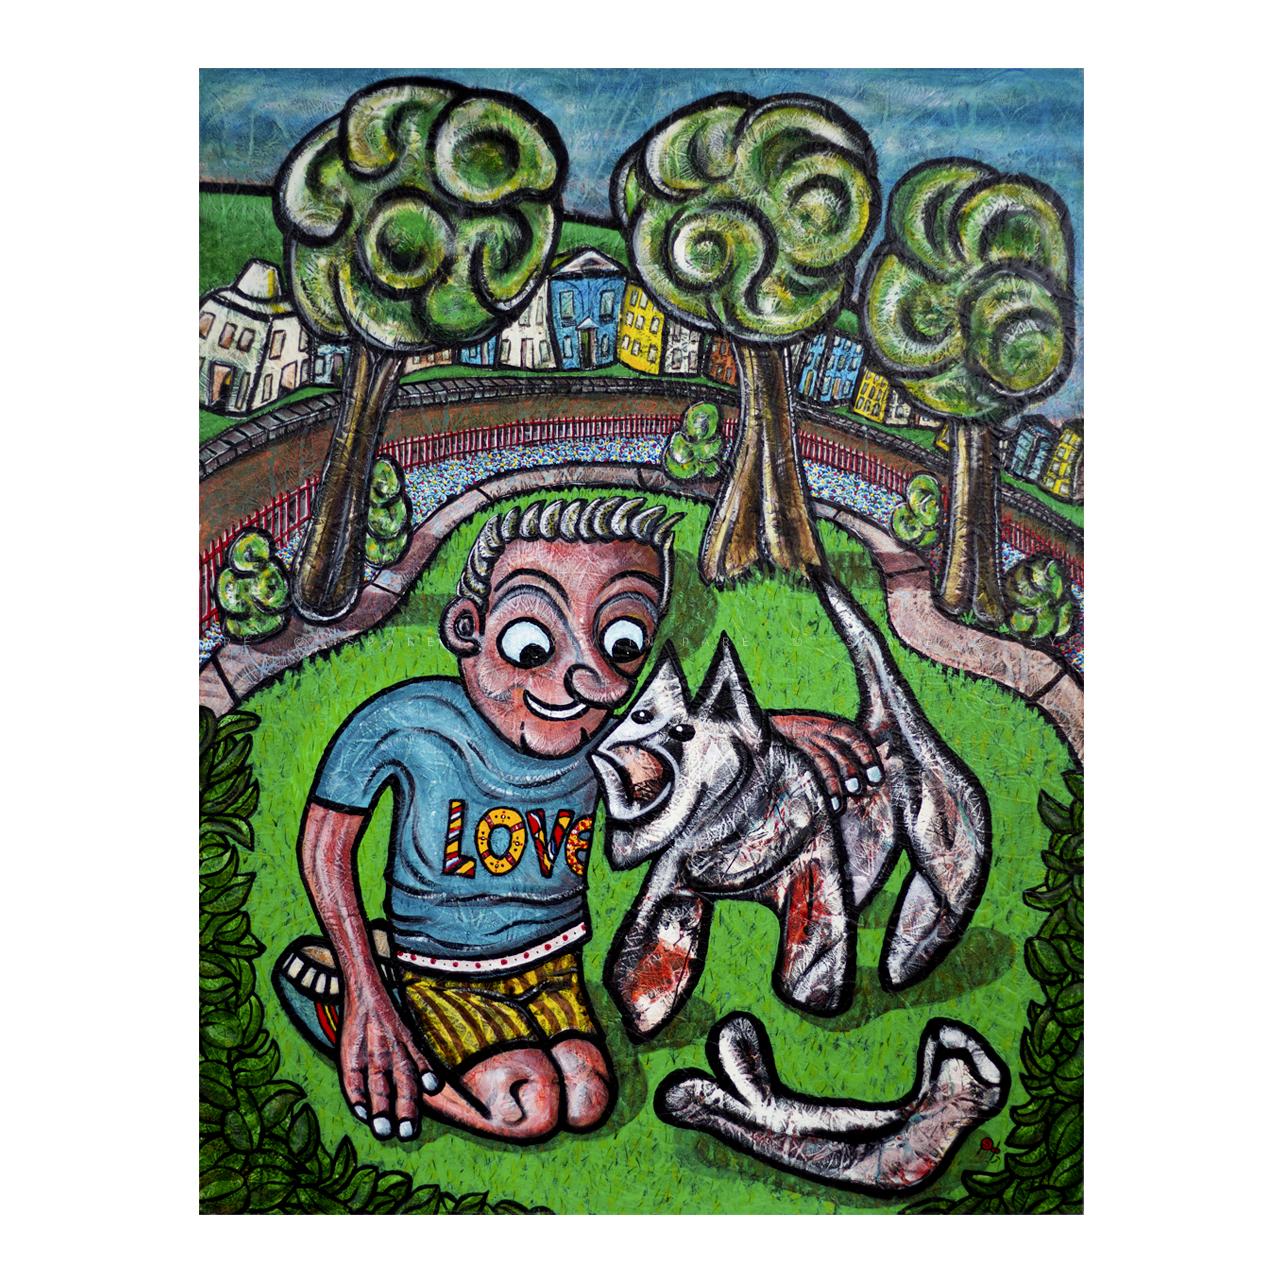 sylvain-pare-spare-artwork-1280x1280_IMG_0026.jpg